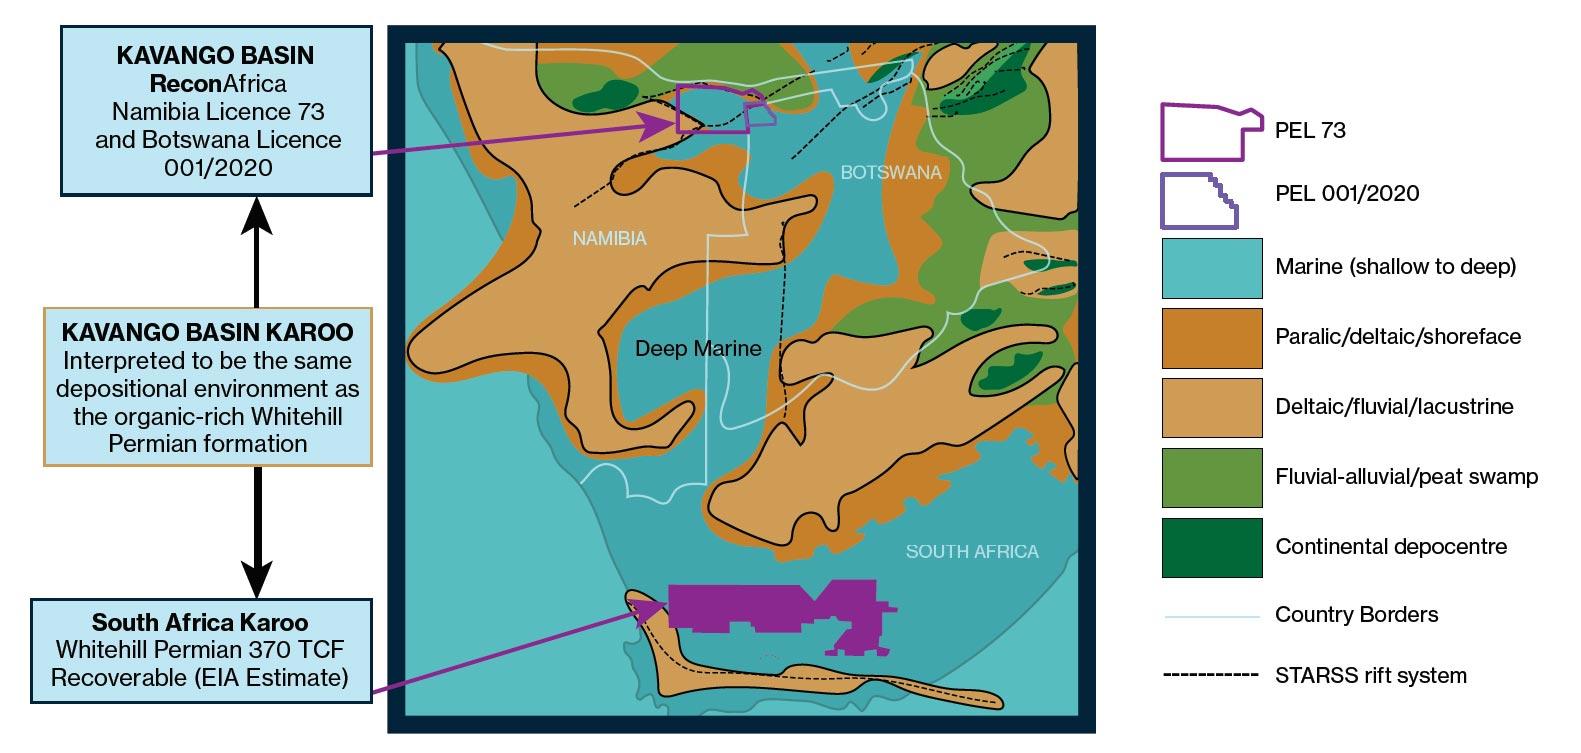 ReconAfrica Regional Karoo Permian Activity